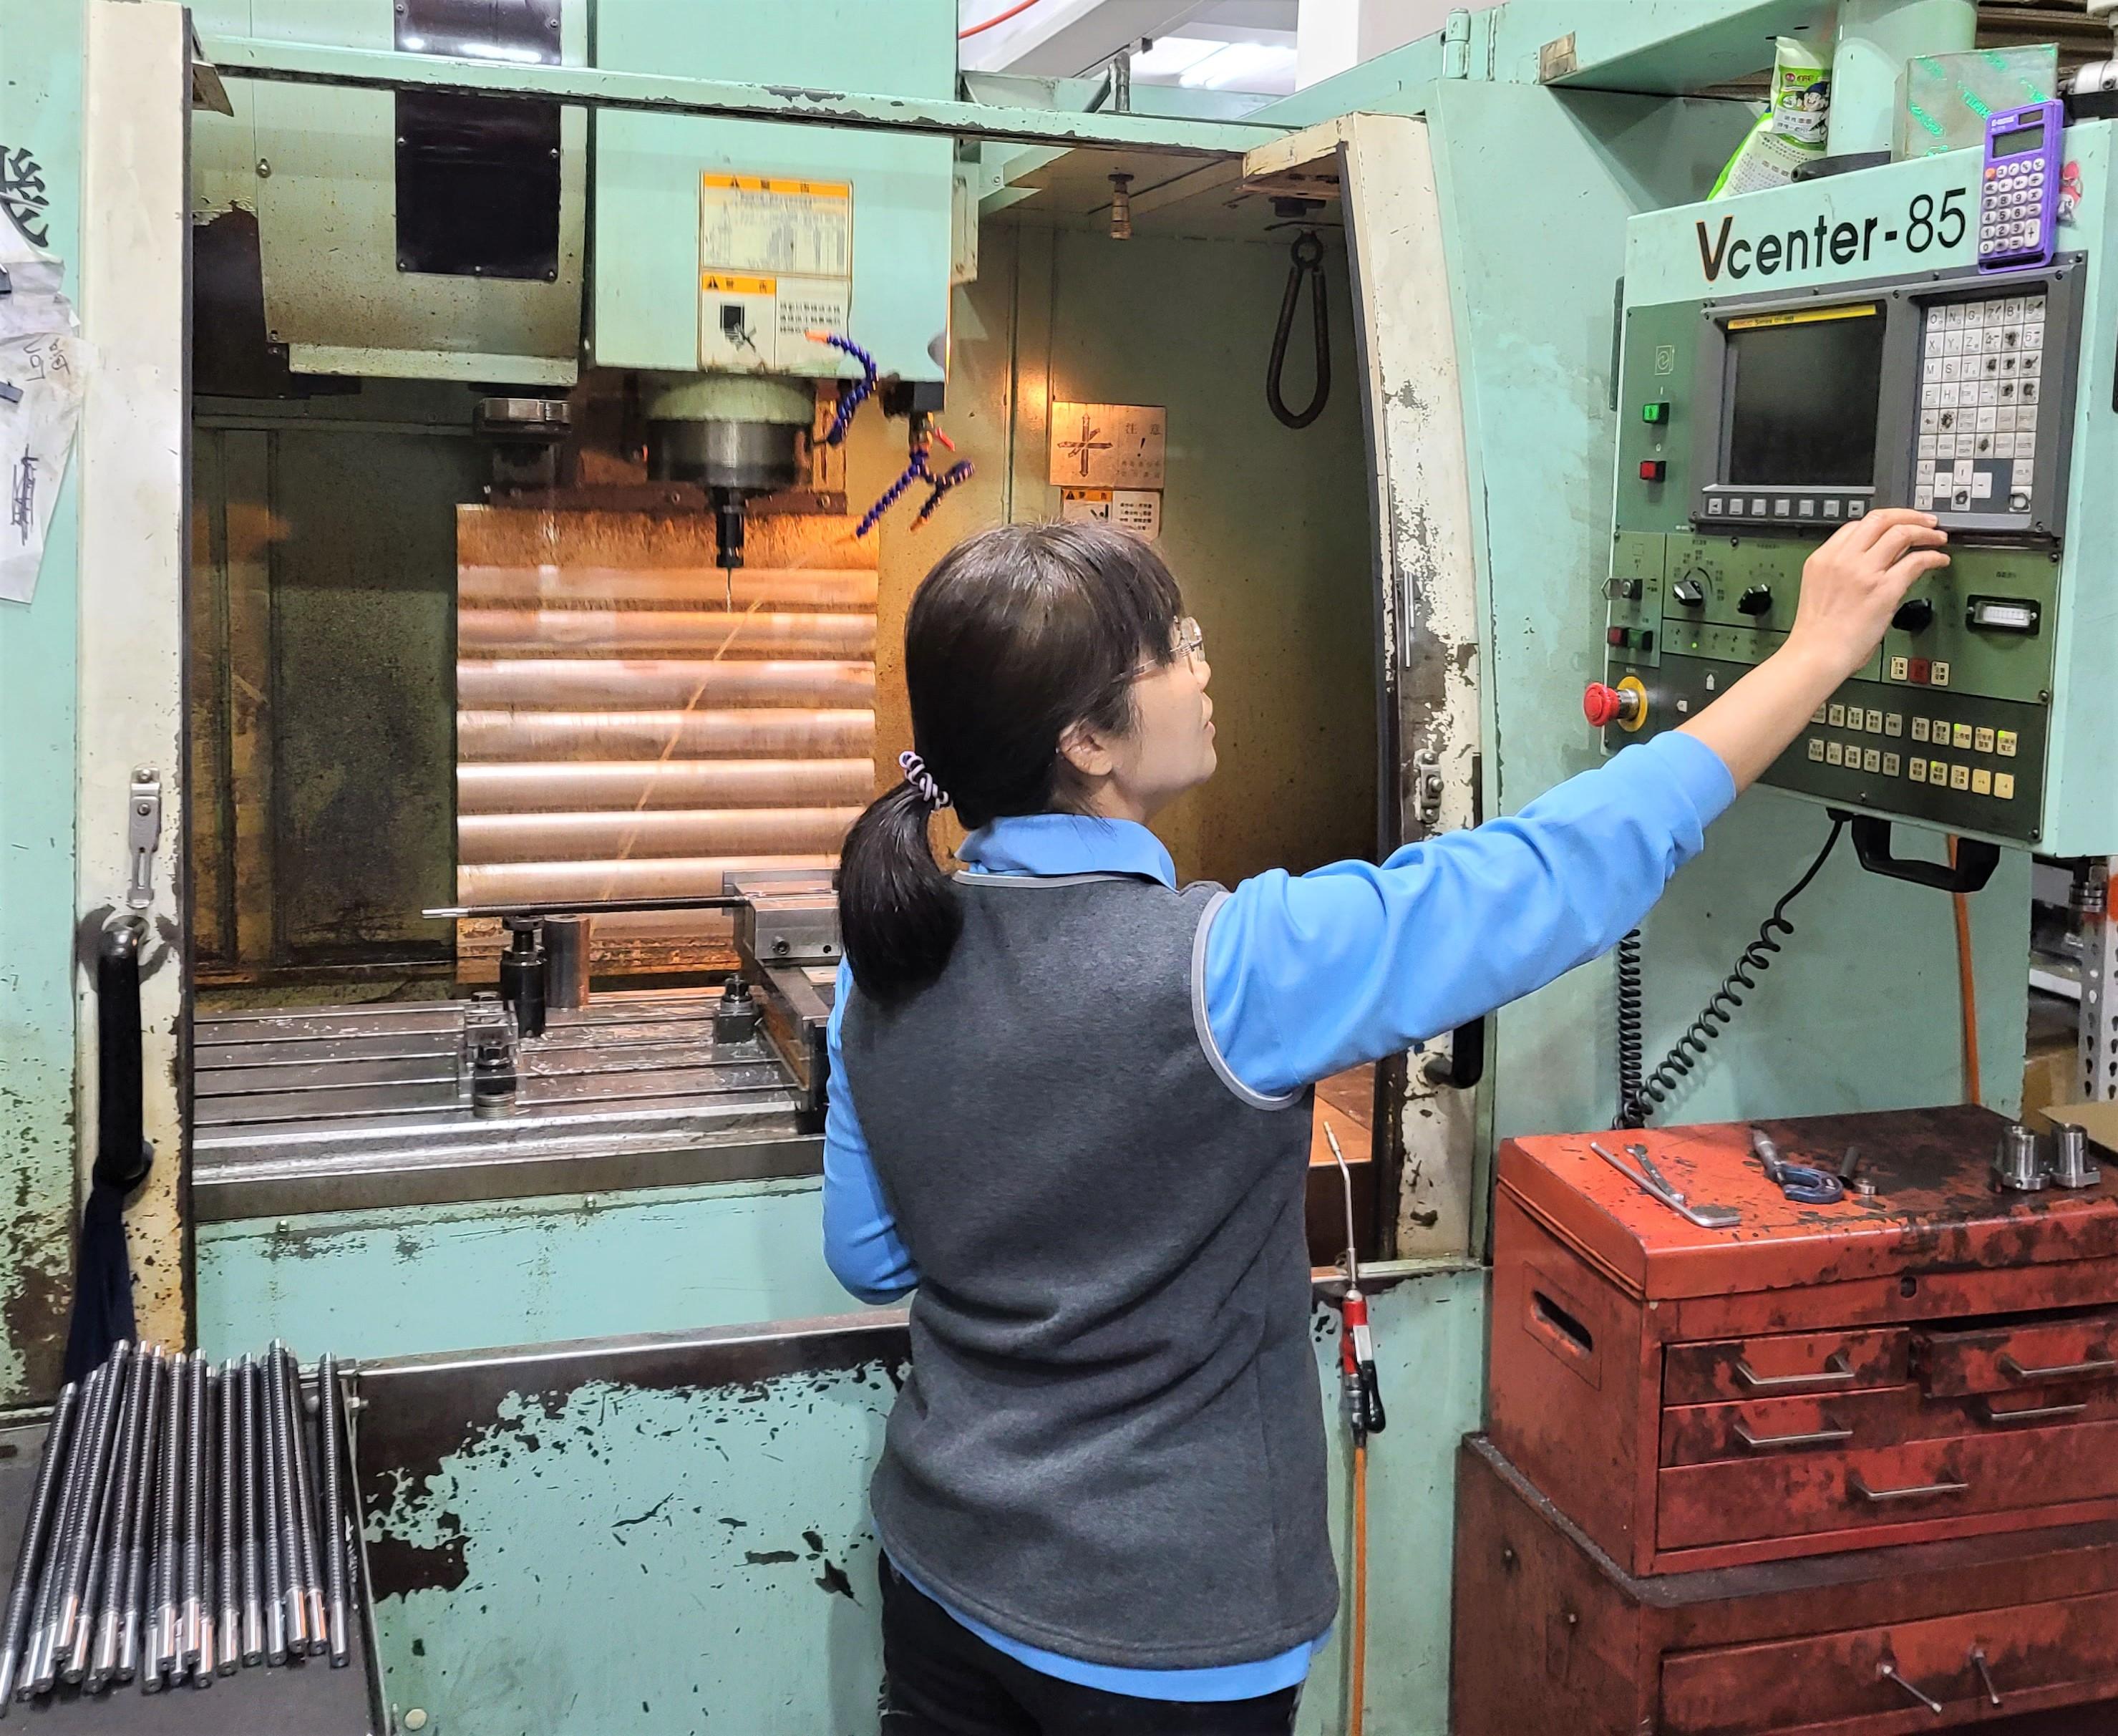 除了經營管理外,佳妤還實際參與生產操作